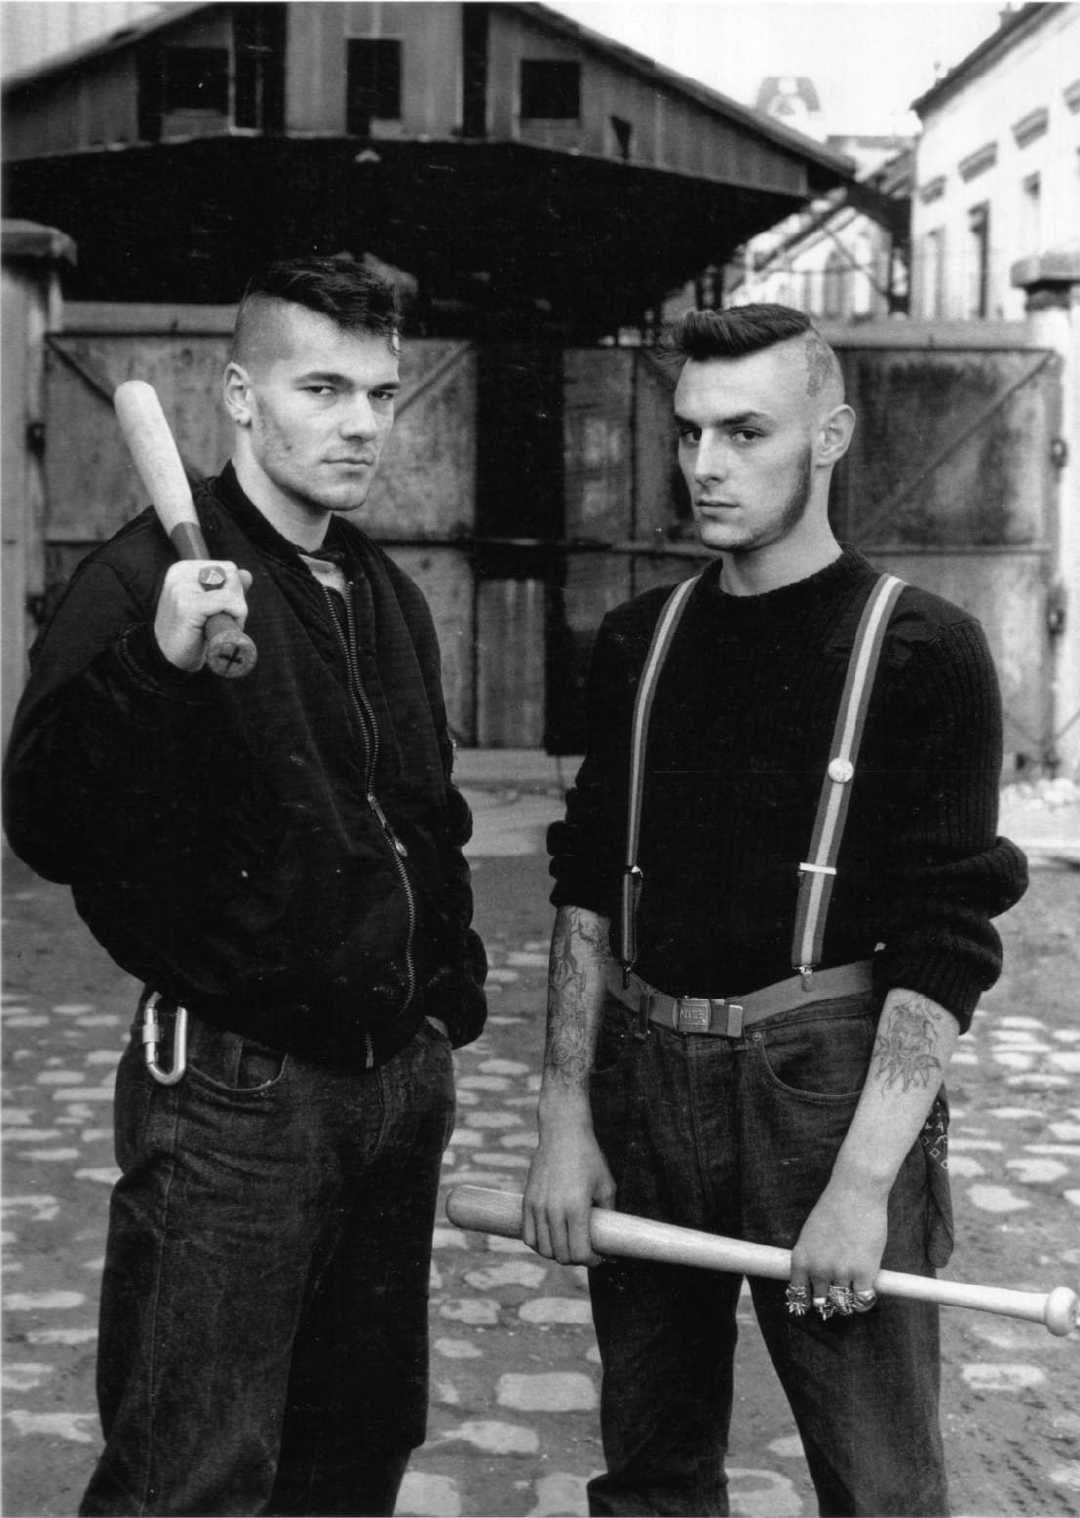 RANX & JEFF. Paris, 1988